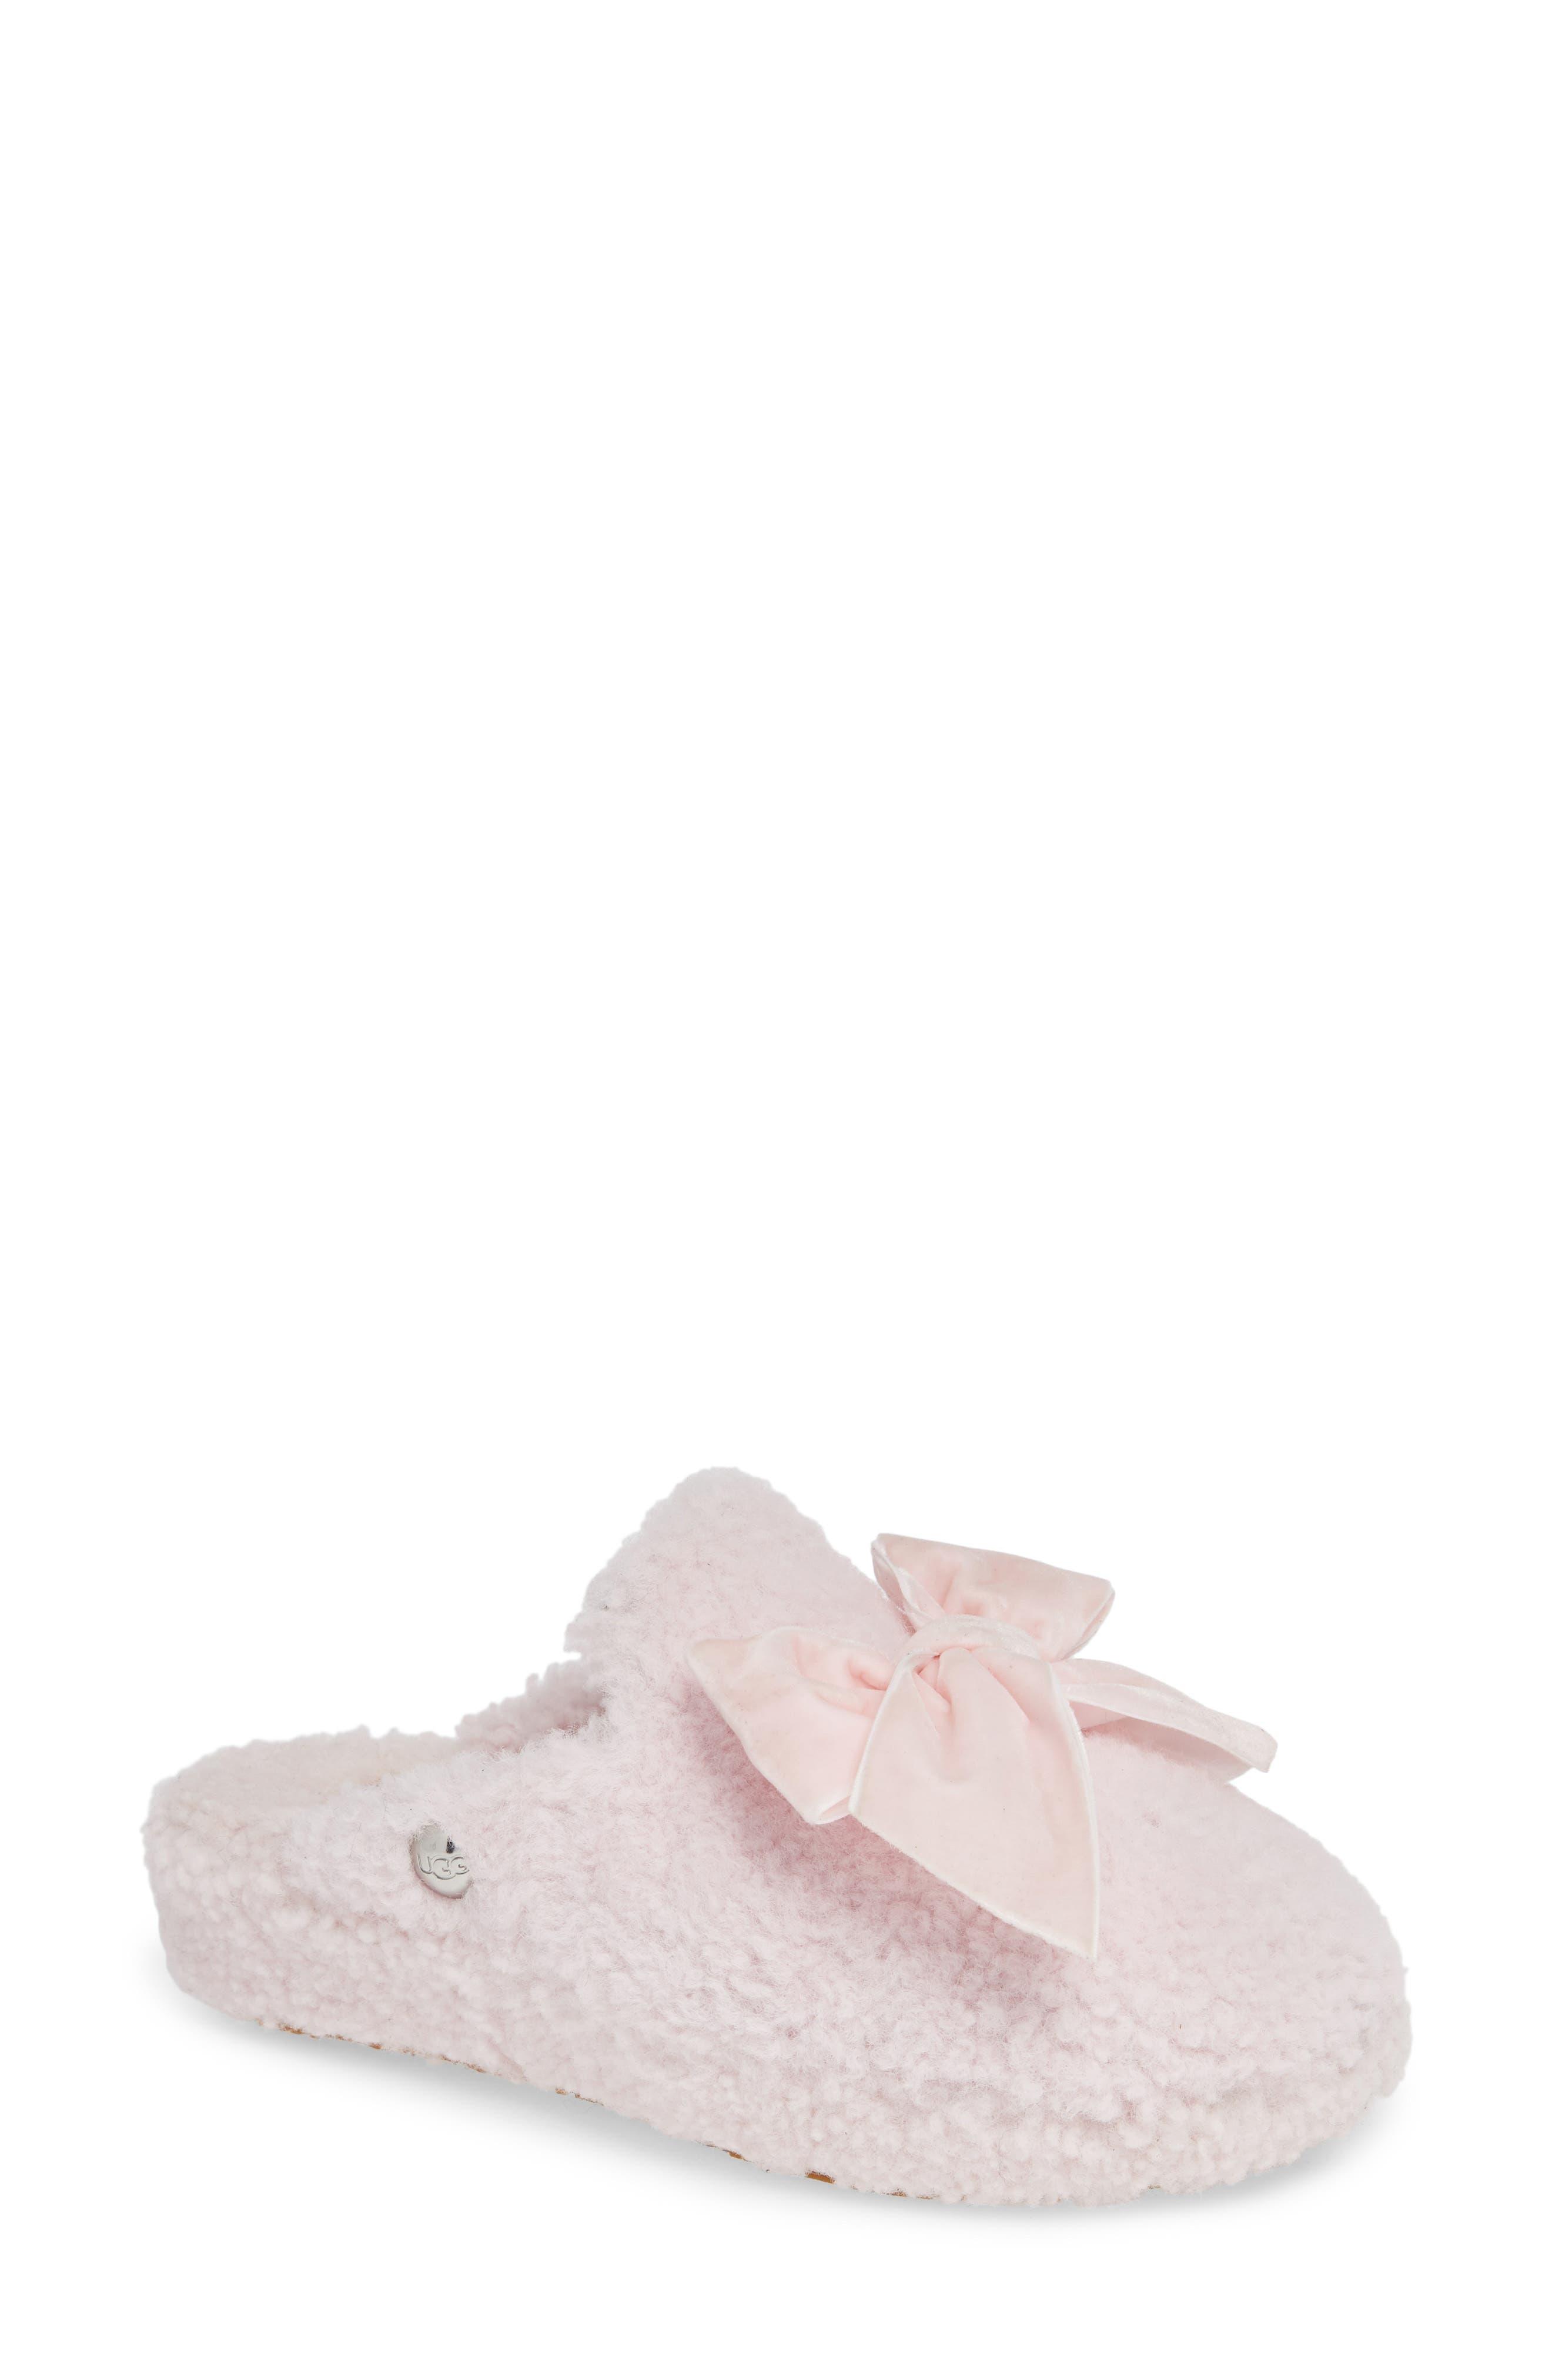 Addison Velvet Bow Genuine Shearling Slipper,                         Main,                         color, SEASHELL PINK